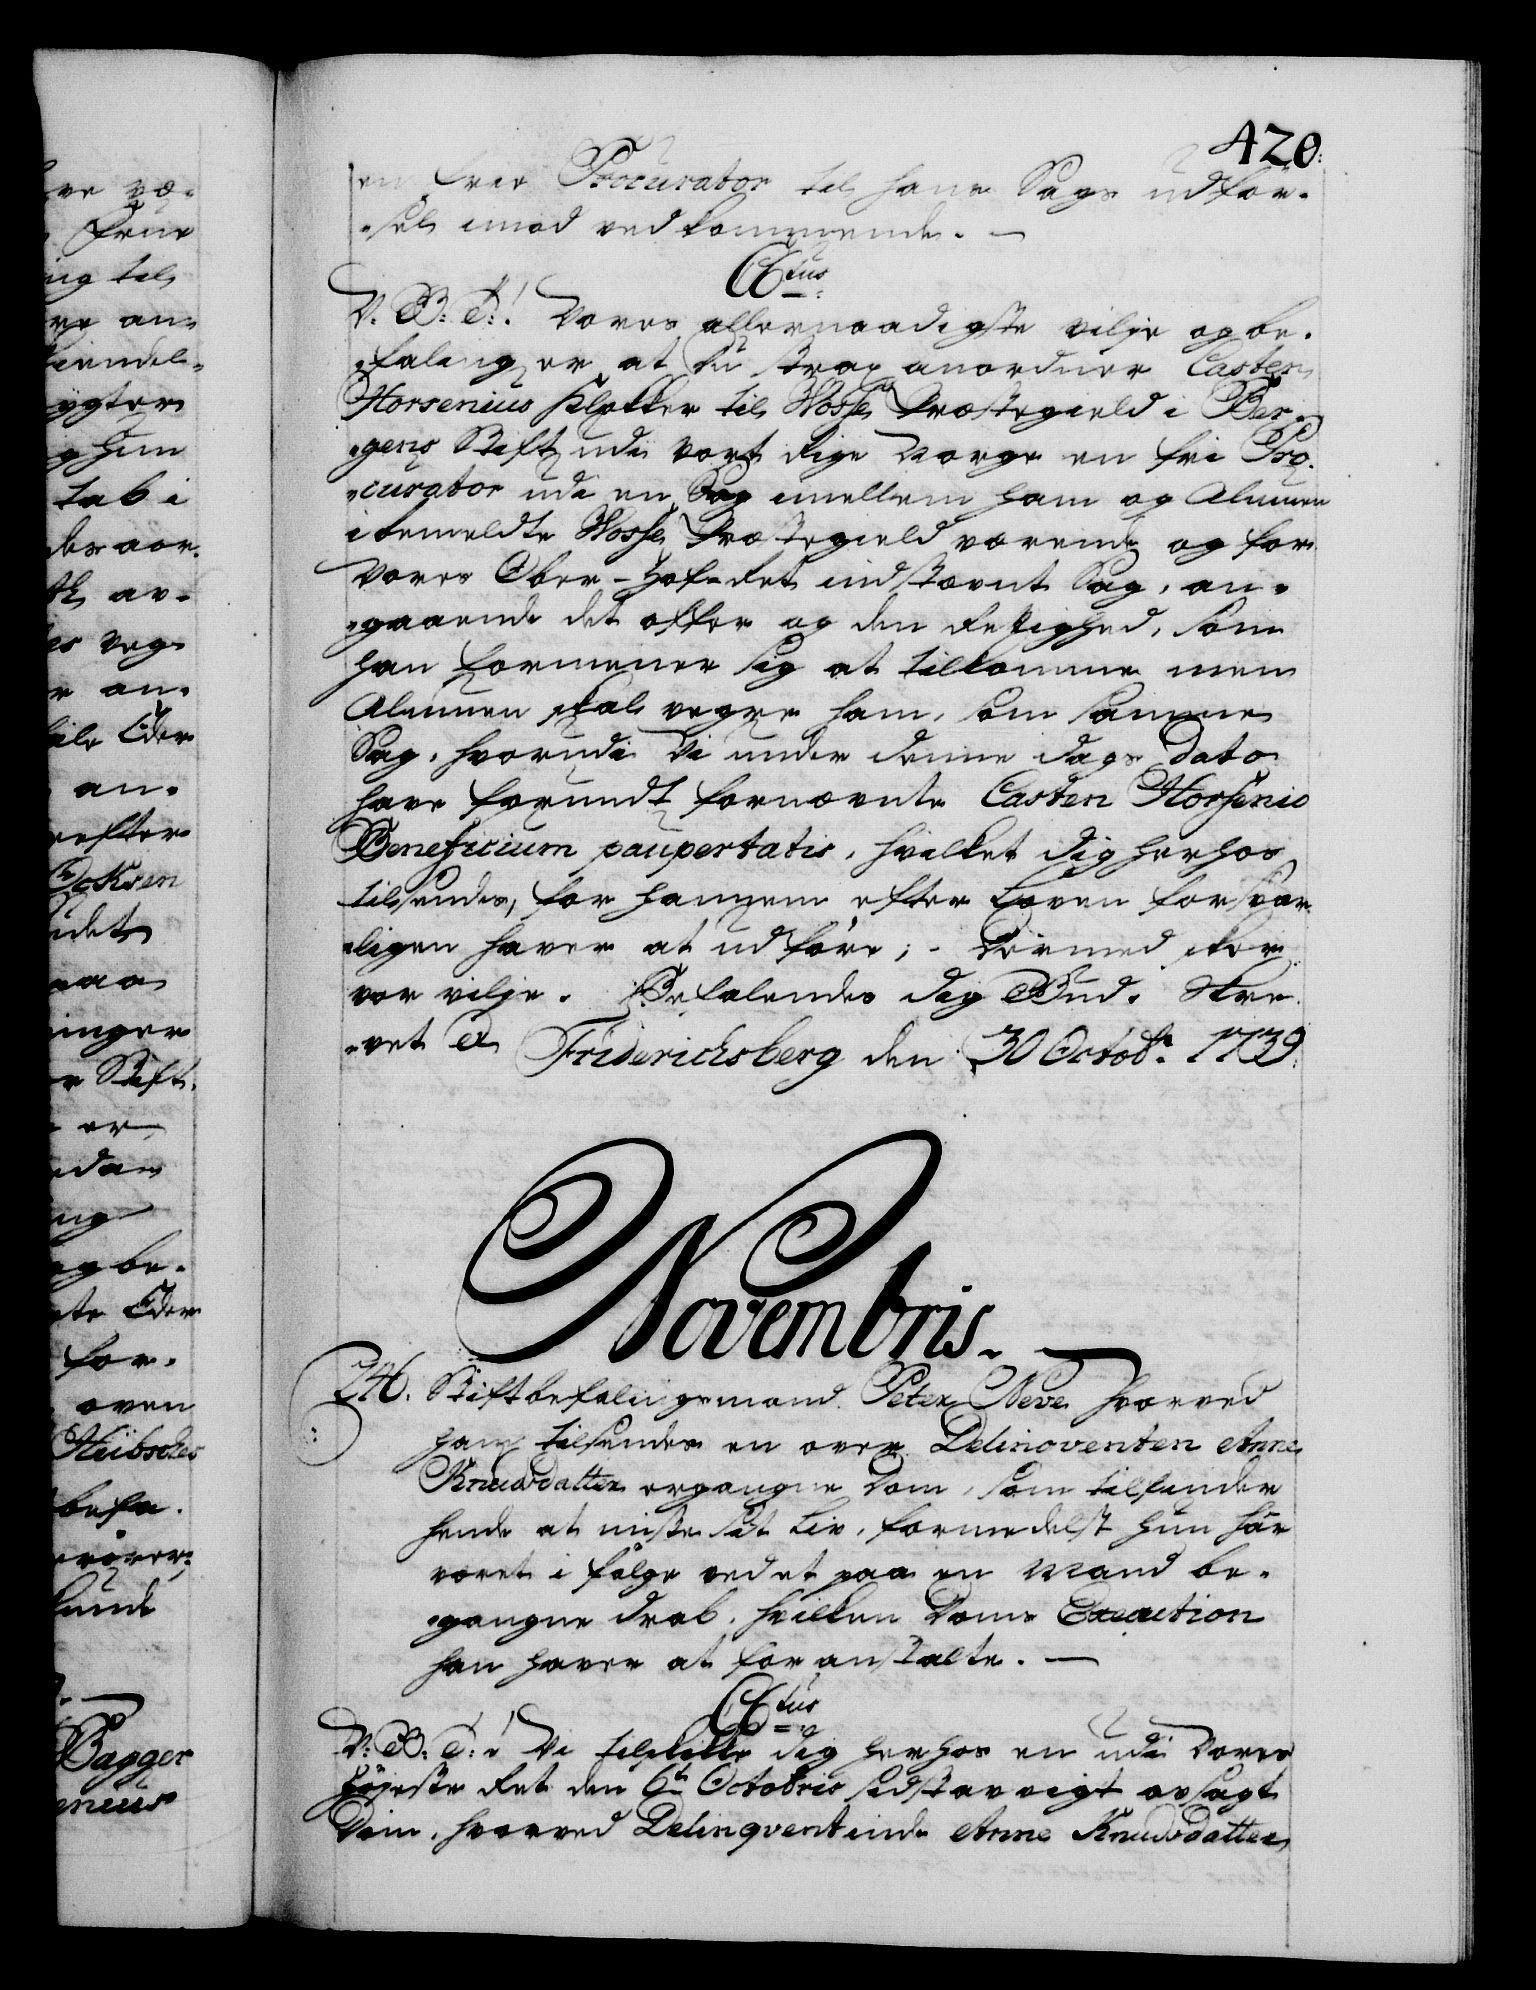 RA, Danske Kanselli 1572-1799, F/Fc/Fca/Fcab/L0028: Norske tegnelser, 1738-1740, s. 420a